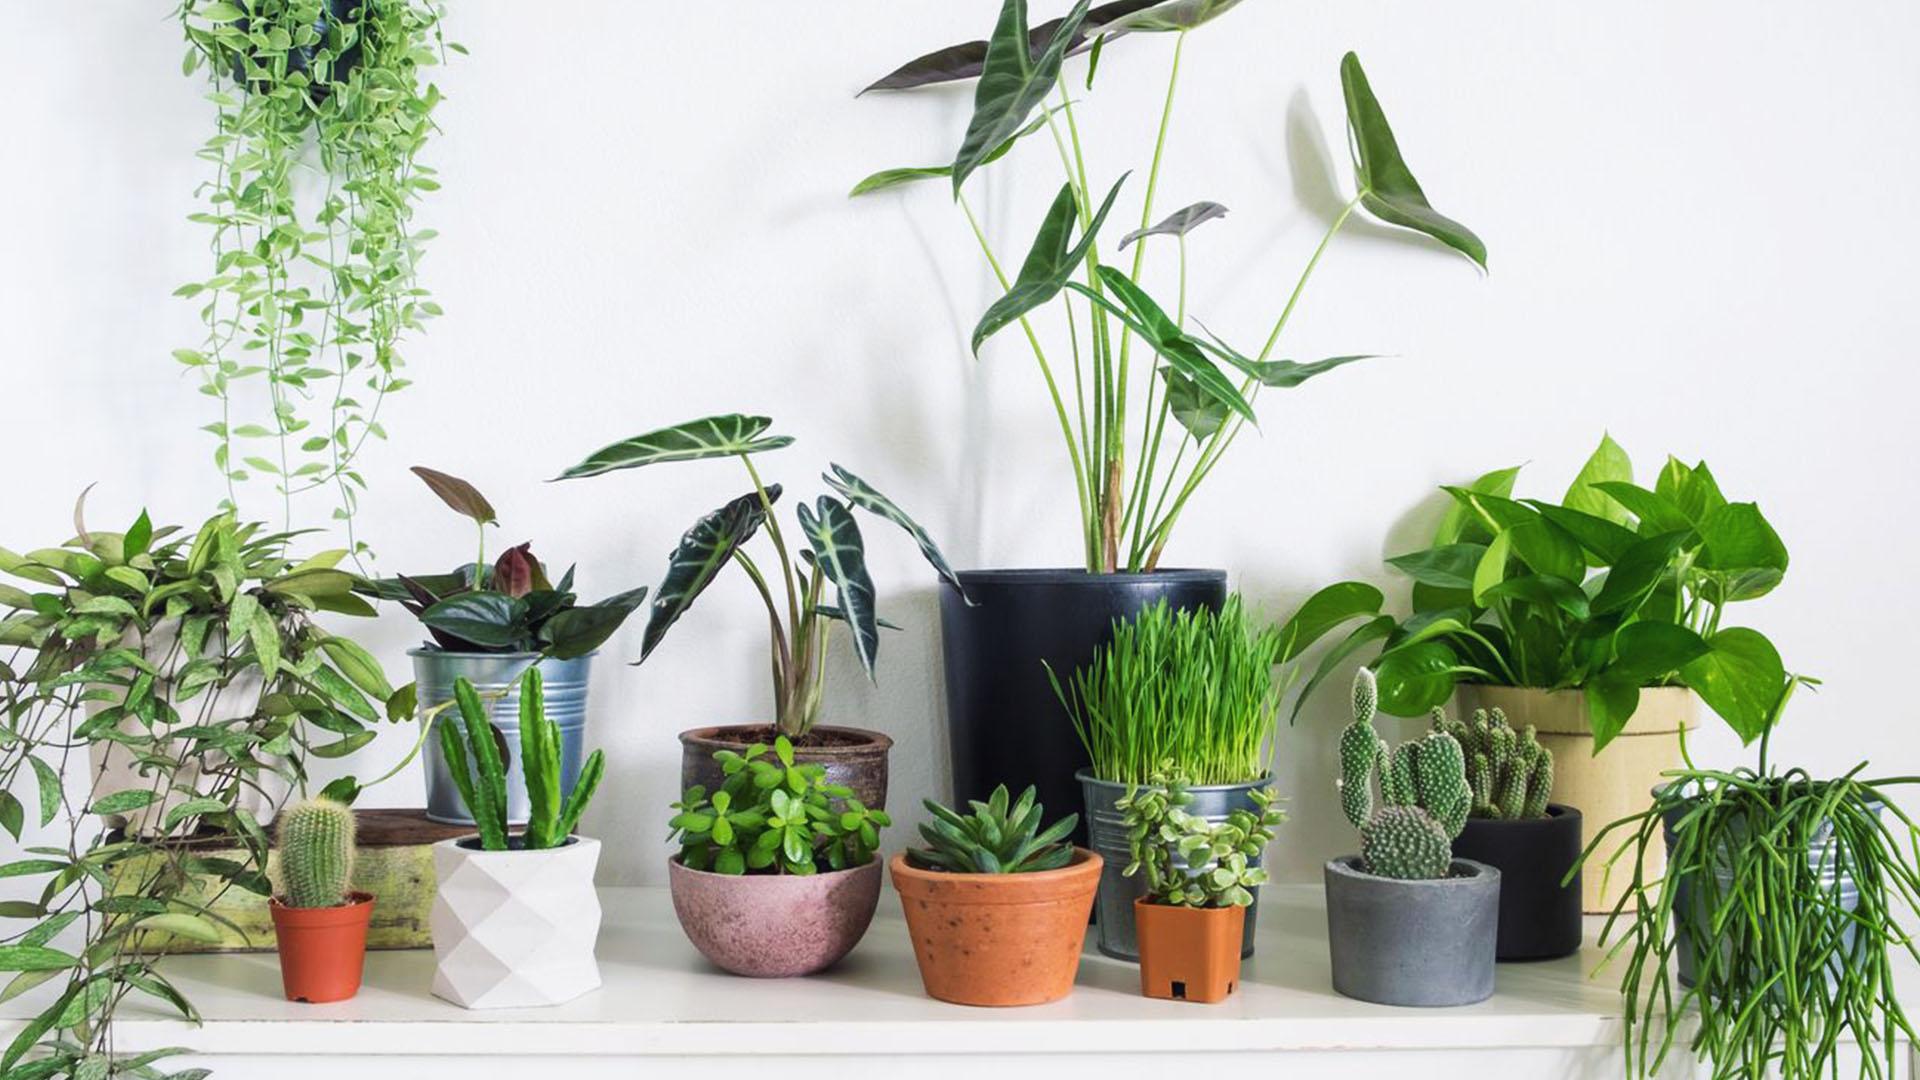 Лунный календарь для комнатных растений и цветов на апрель 2021 года: благоприятные дни и сроки для цветовода фото